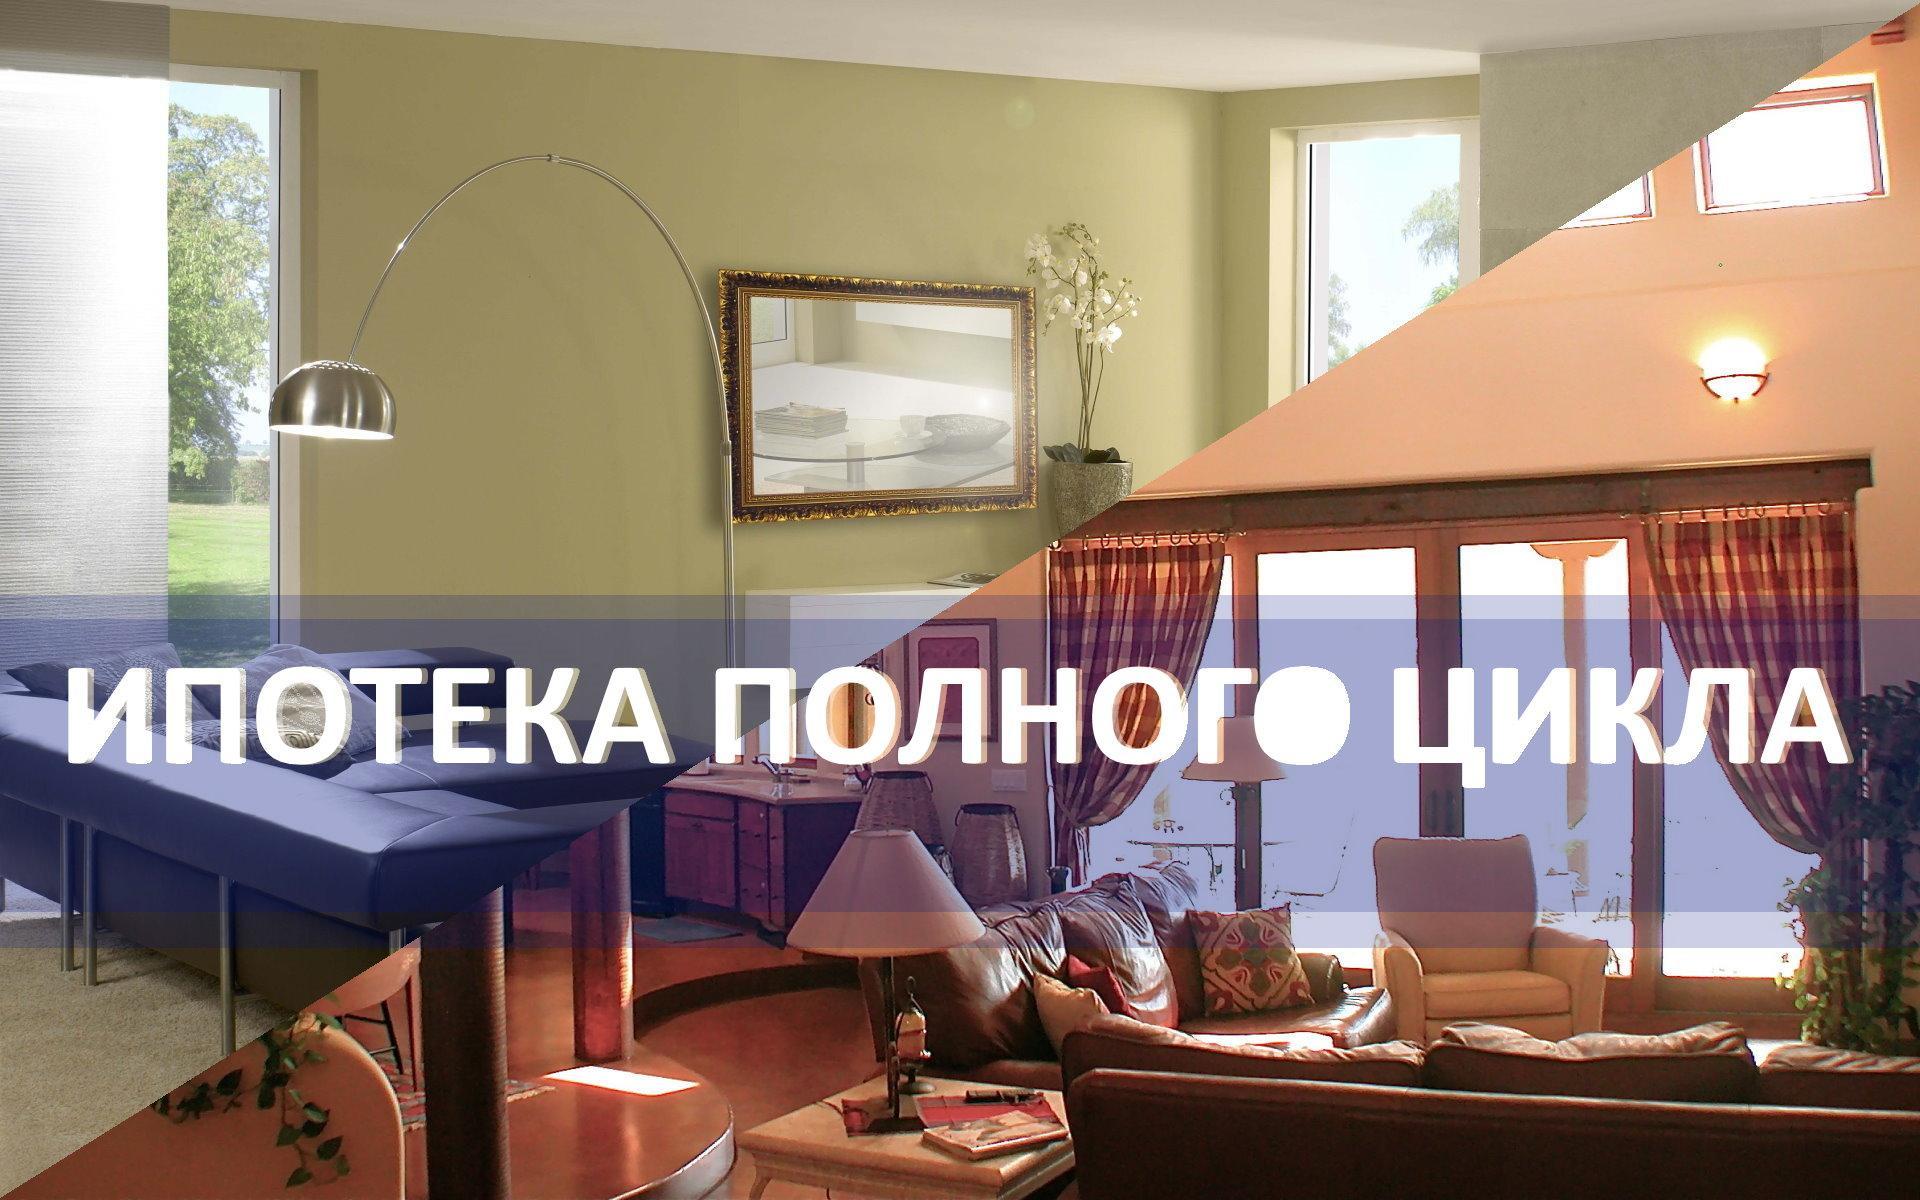 Ипотека банка «Московское Ипотечное Агентство»